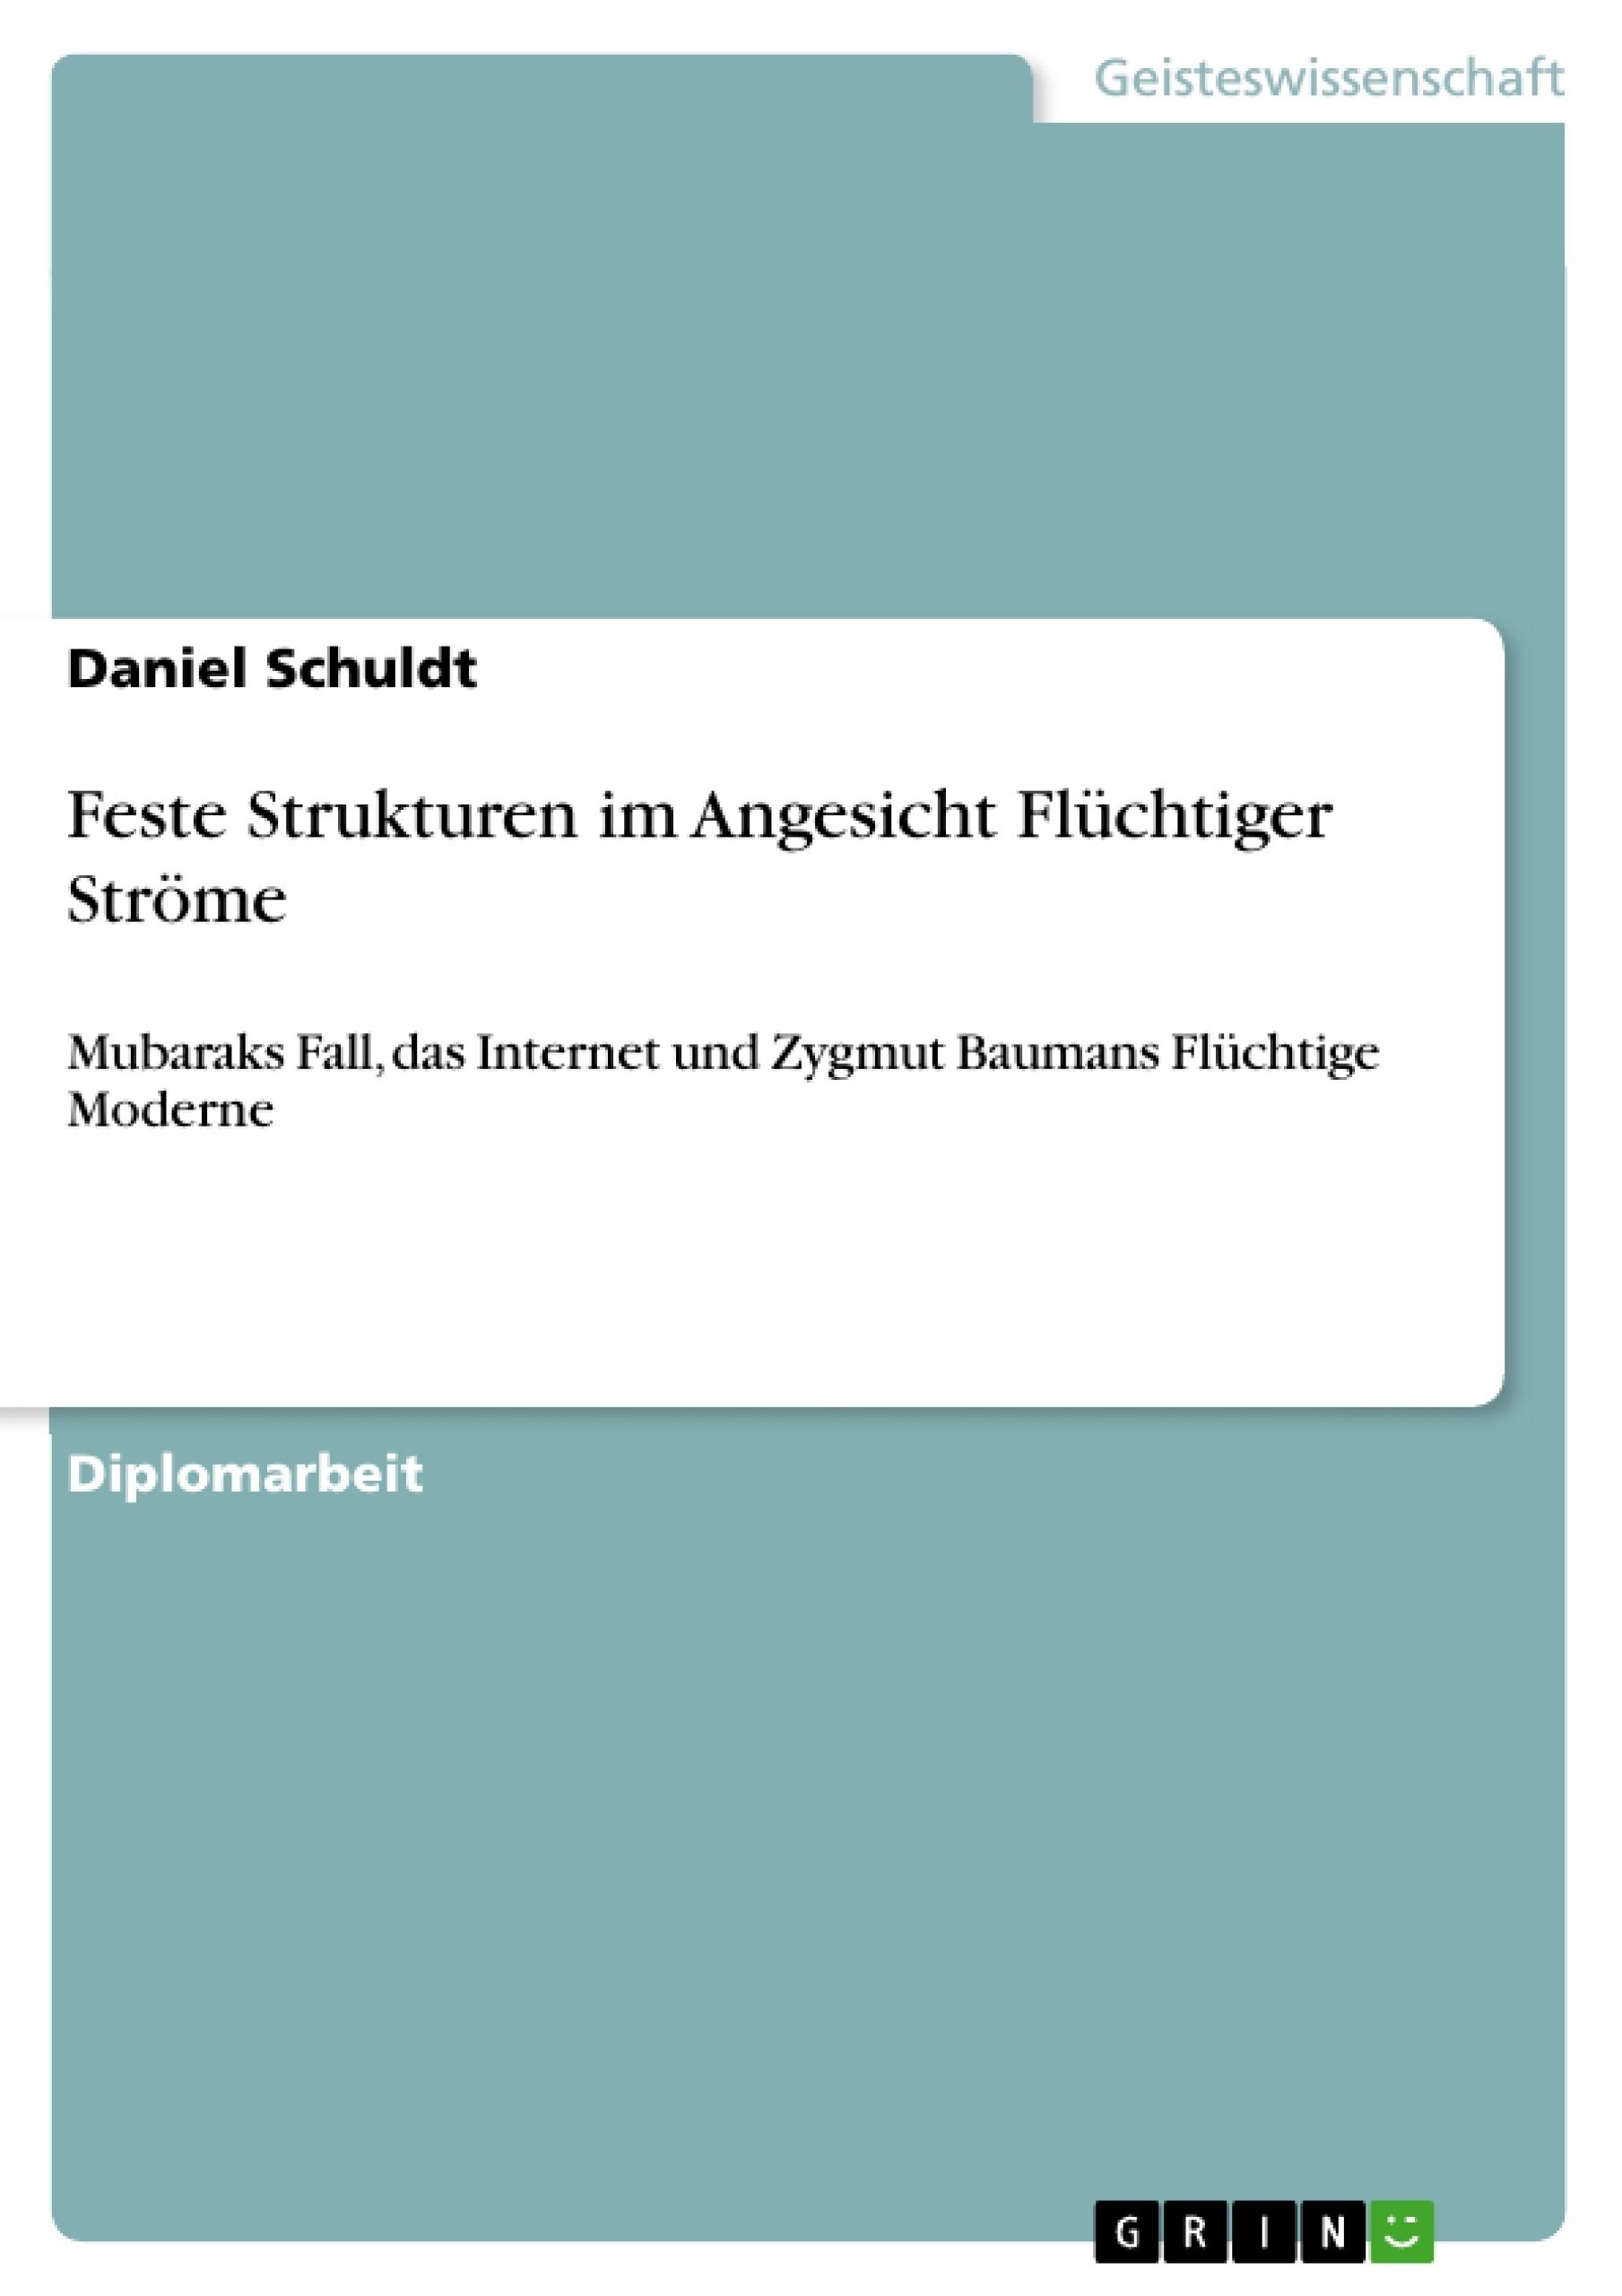 Titel: Feste Strukturen im Angesicht Flüchtiger Ströme